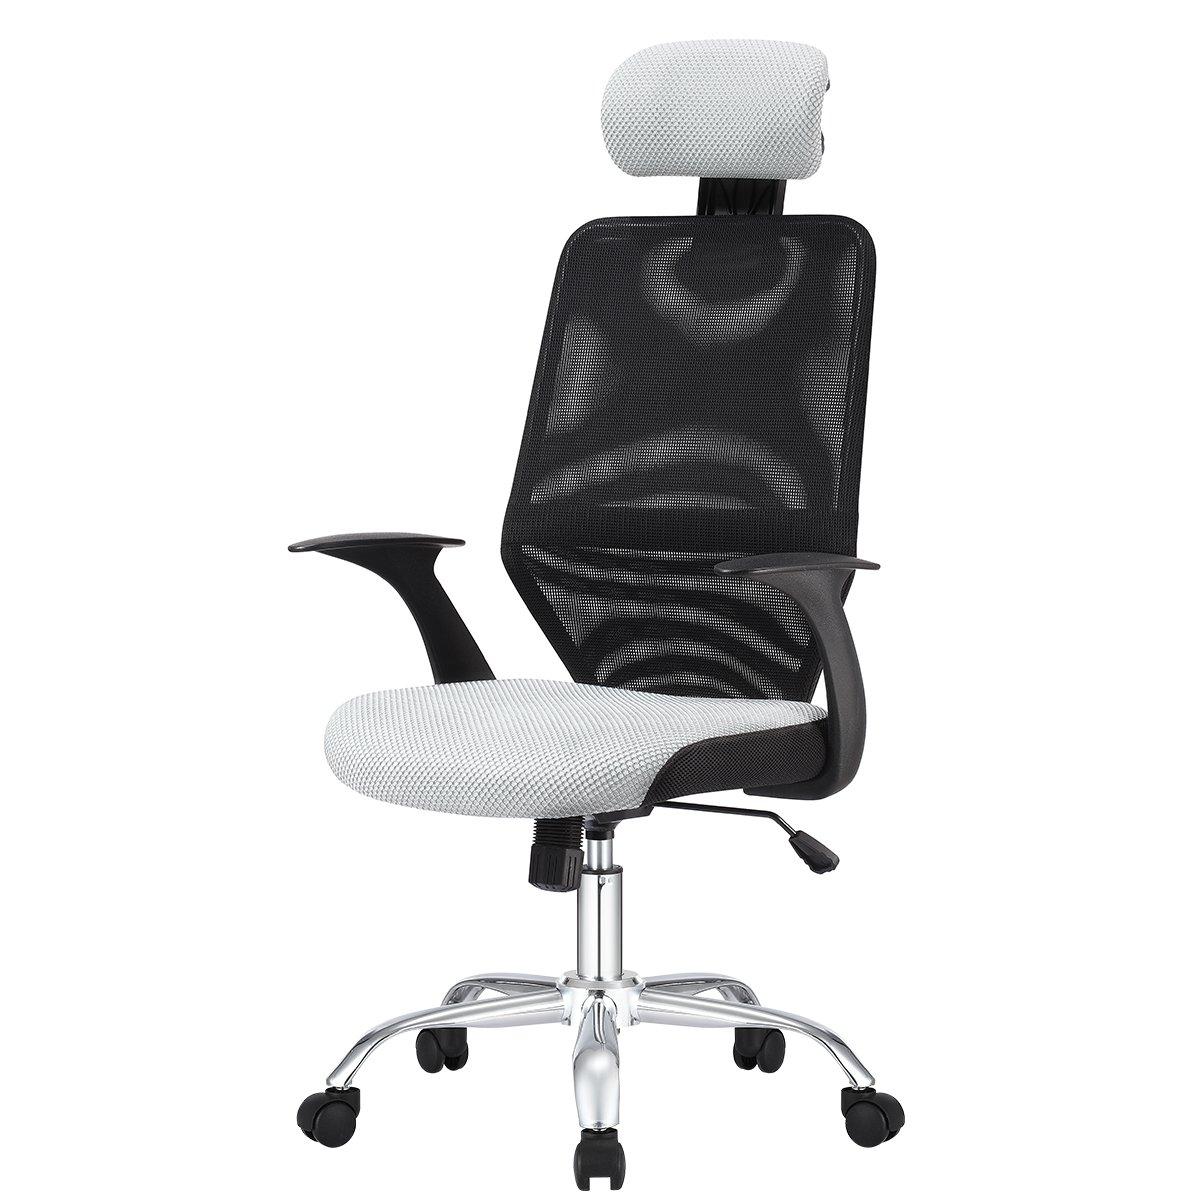 メッシュチェア オフィスチェア チェア パソコンチェア 椅子 ビジネス 北欧風 一年保証 (グレー) B078RL19GS  グレー